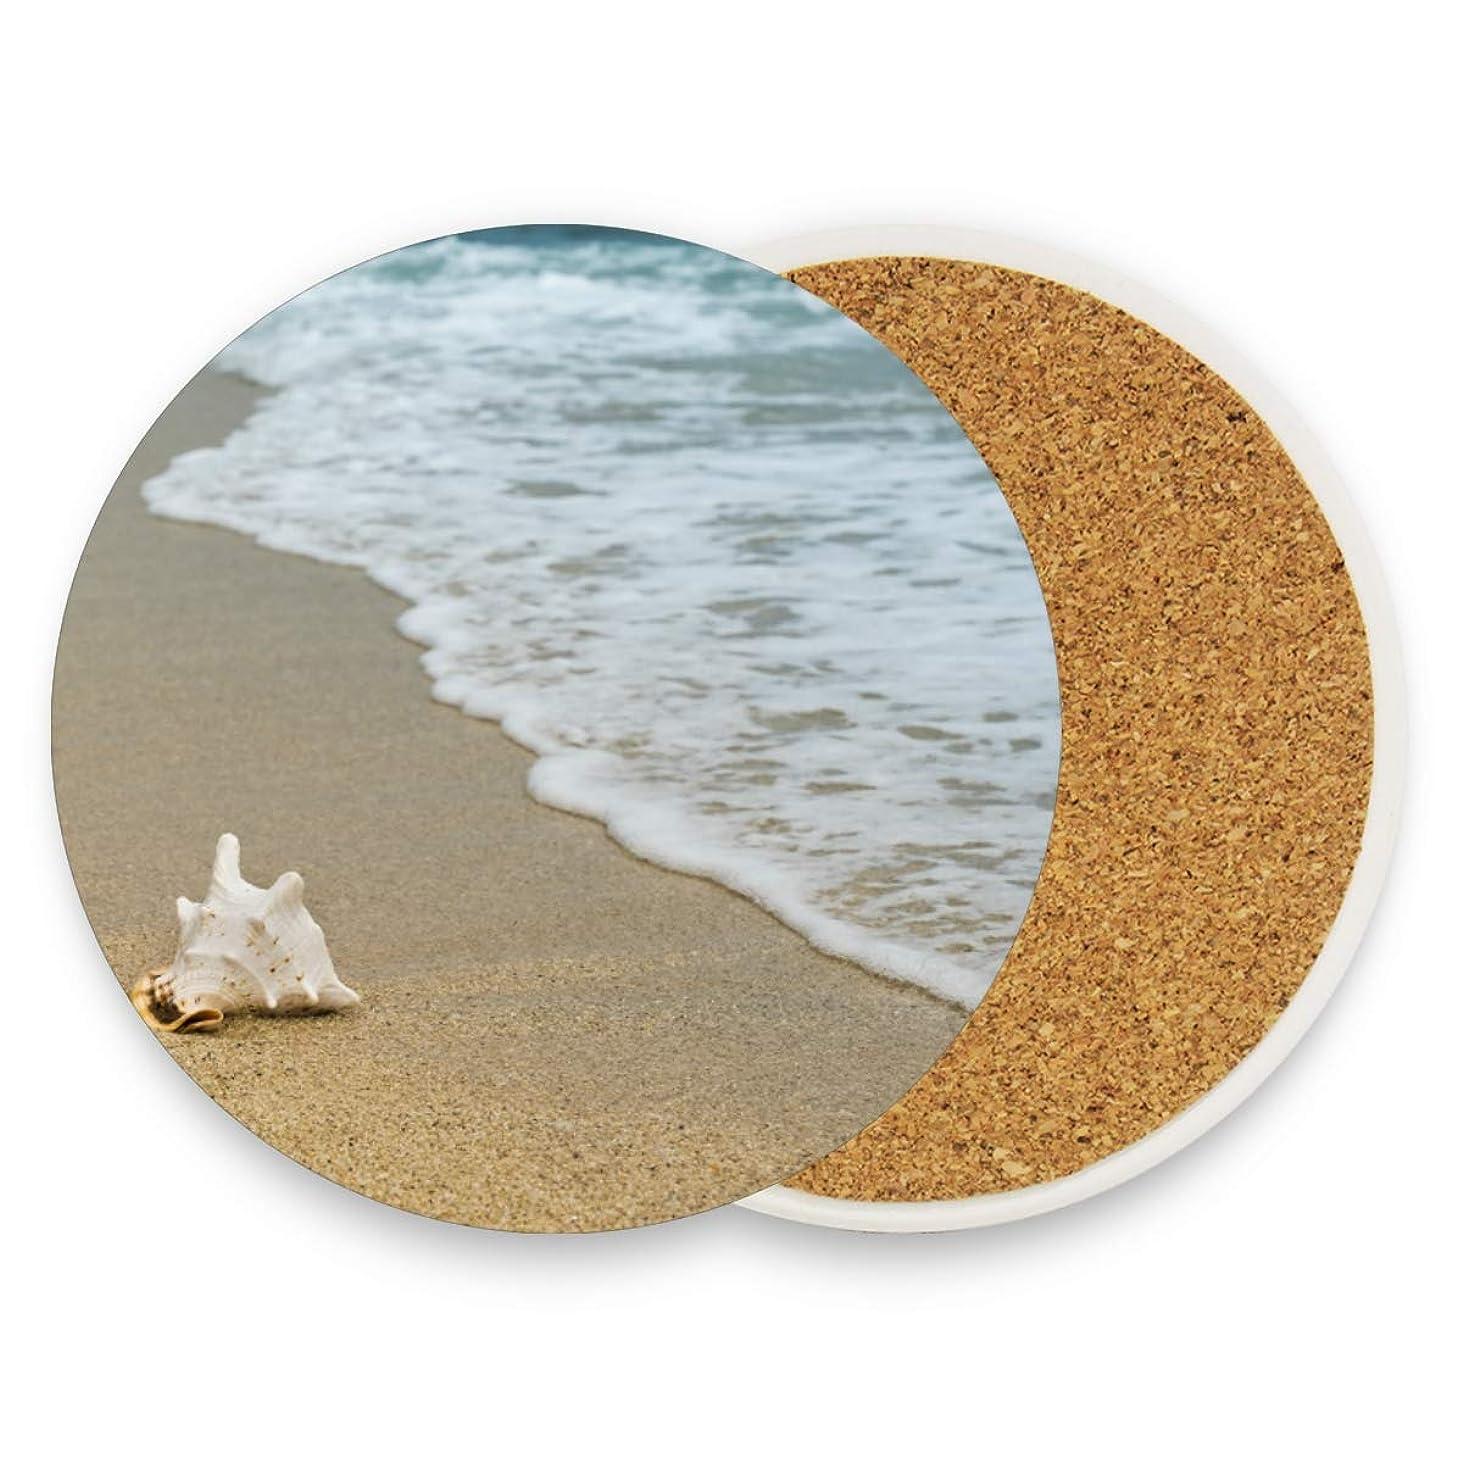 参照かもしれない一流コースター ビーチ 海 円形 2枚セット エコ素材 断熱パッド 防水 優れた耐熱性 高耐久性 滑り止め 速乾 コップ敷き 飲茶 飲コーヒー キッチン オフィス 喫茶店